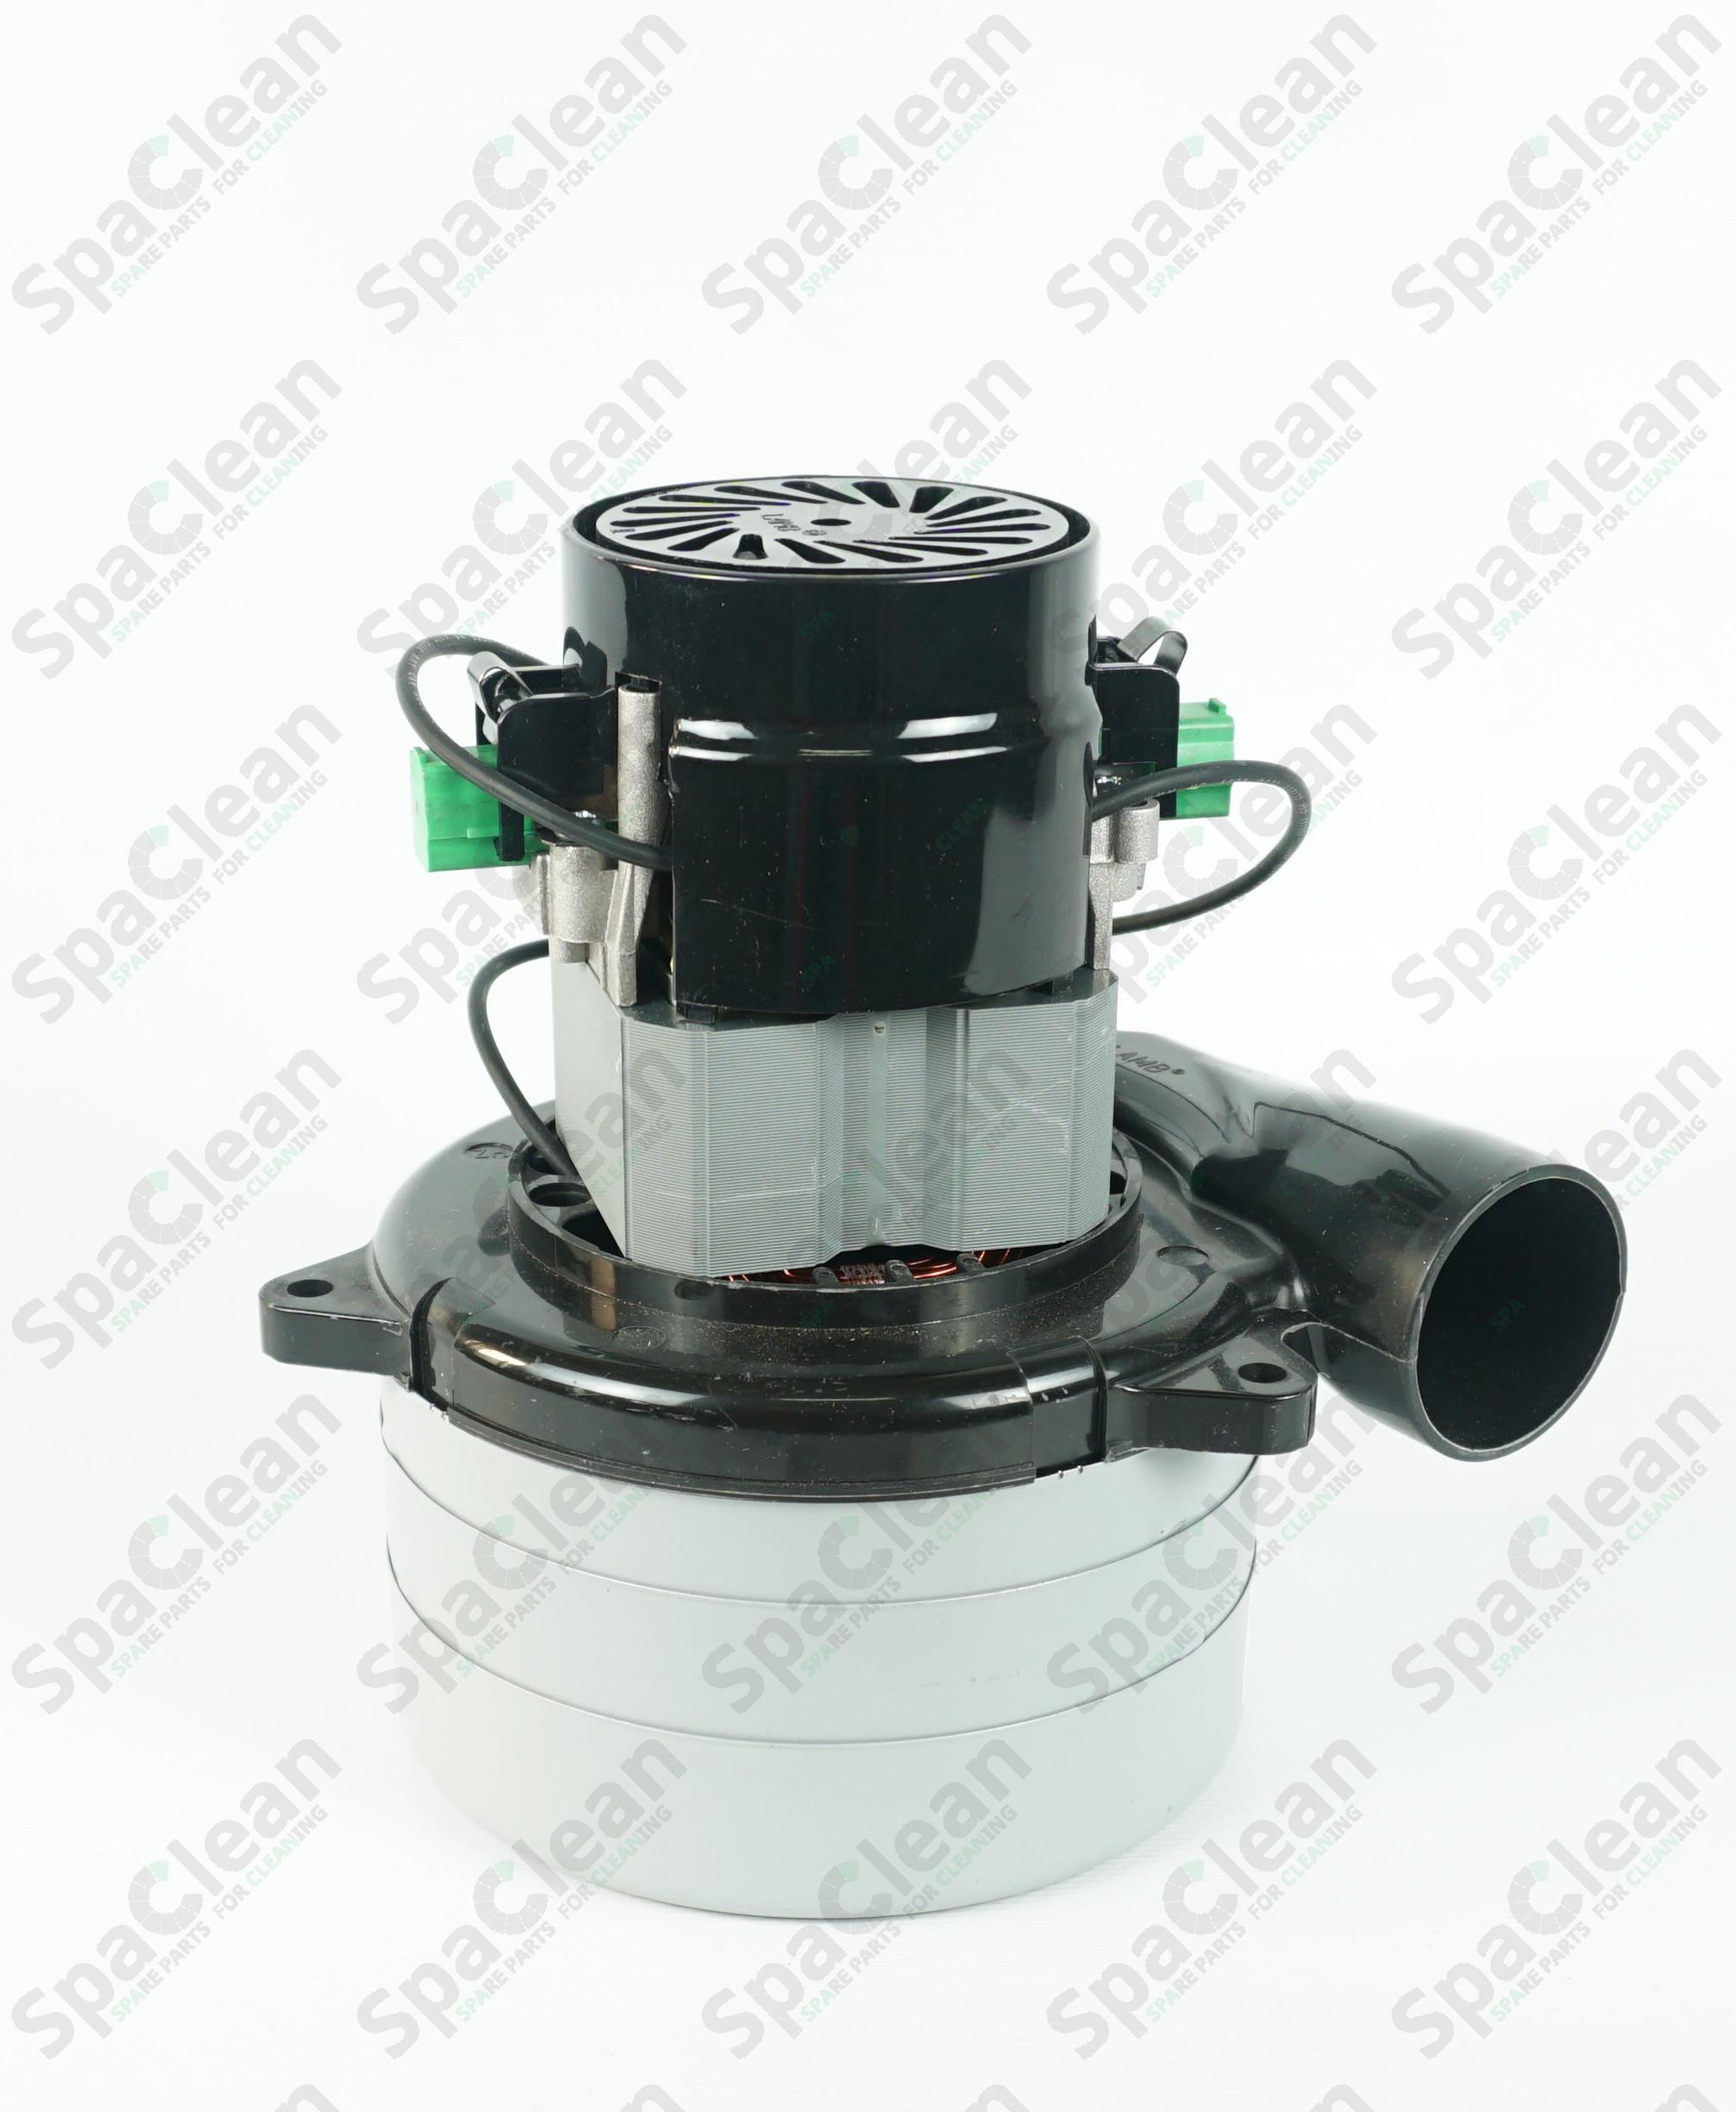 Вакуумный мотор Lamb Ametek 36V 550W Трехстадийный для Fimap Gamma 56